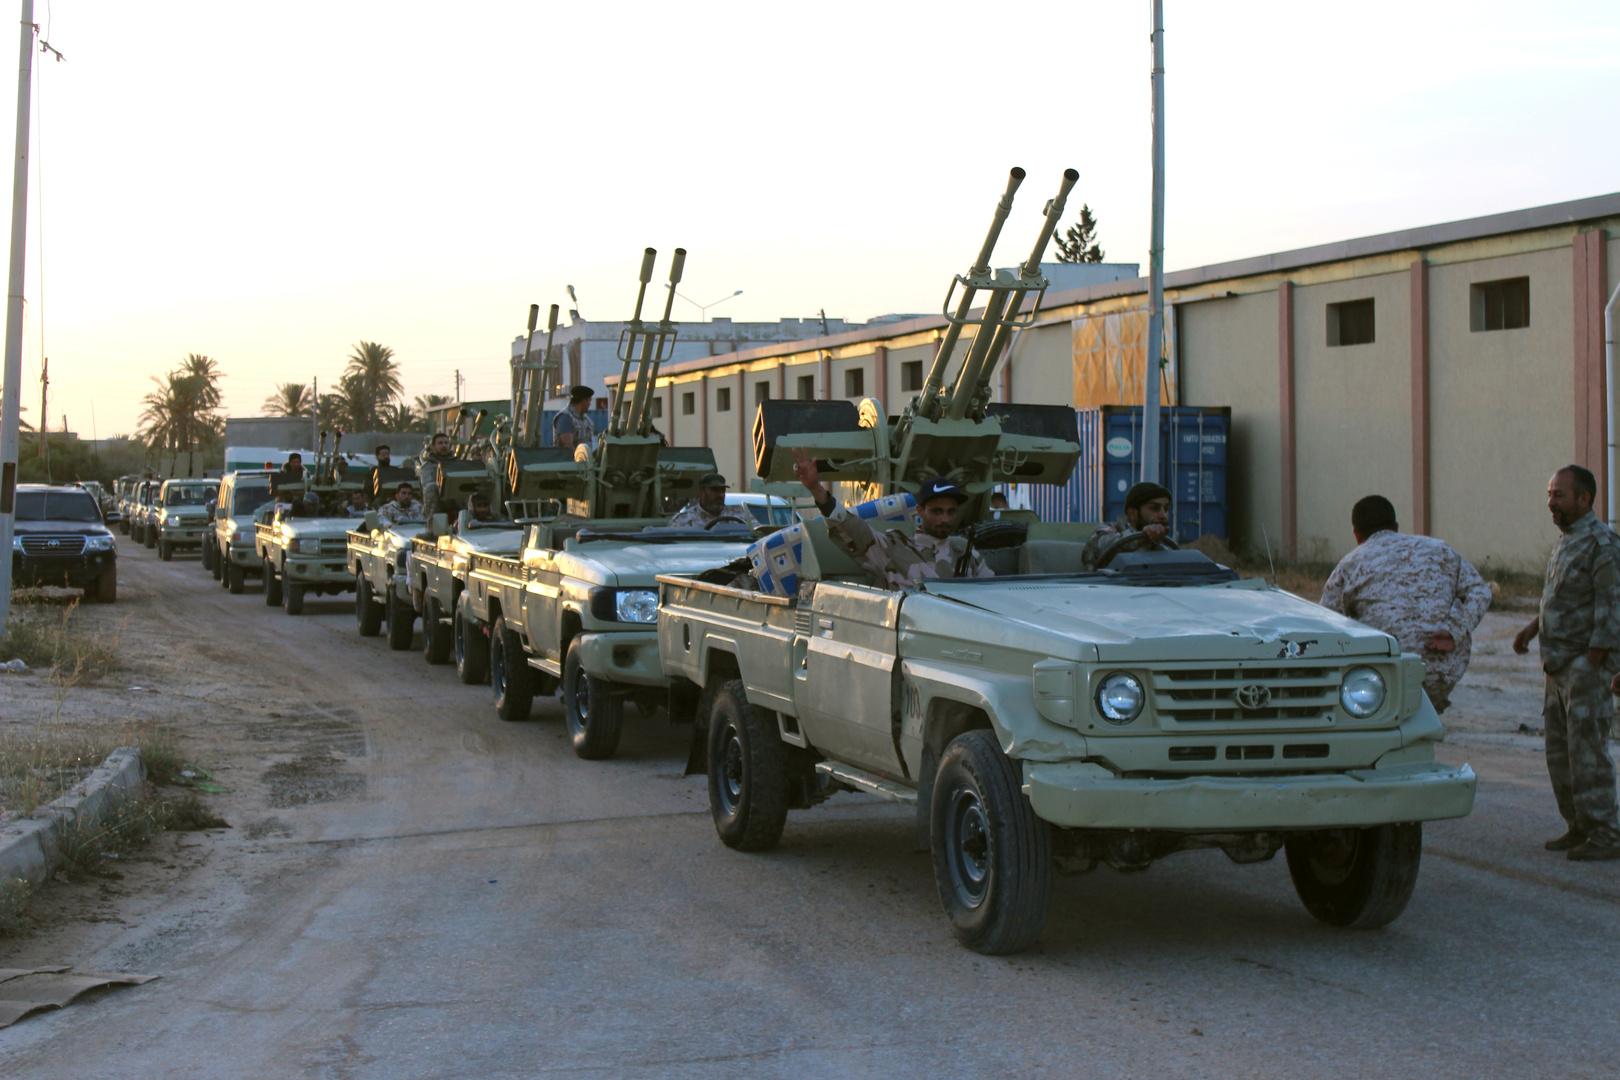 وحدات تابعة لقوات حكومة الوفاق الوطني الليبية في مصراتة